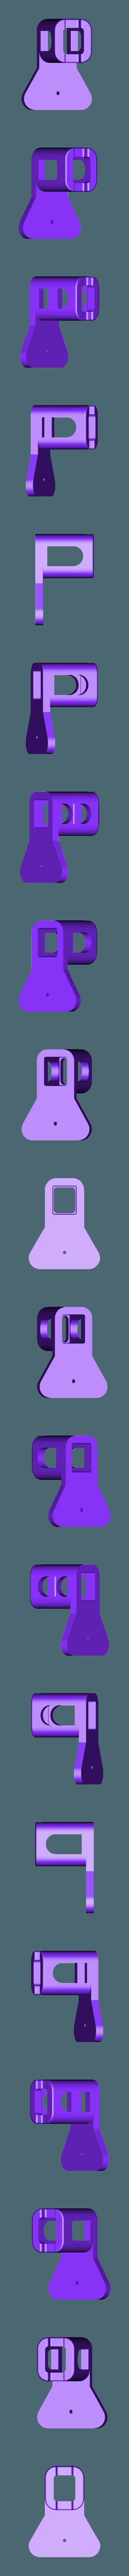 berceau_moteur.stl Download free STL file Six strange motorized gear • Model to 3D print, NOP21